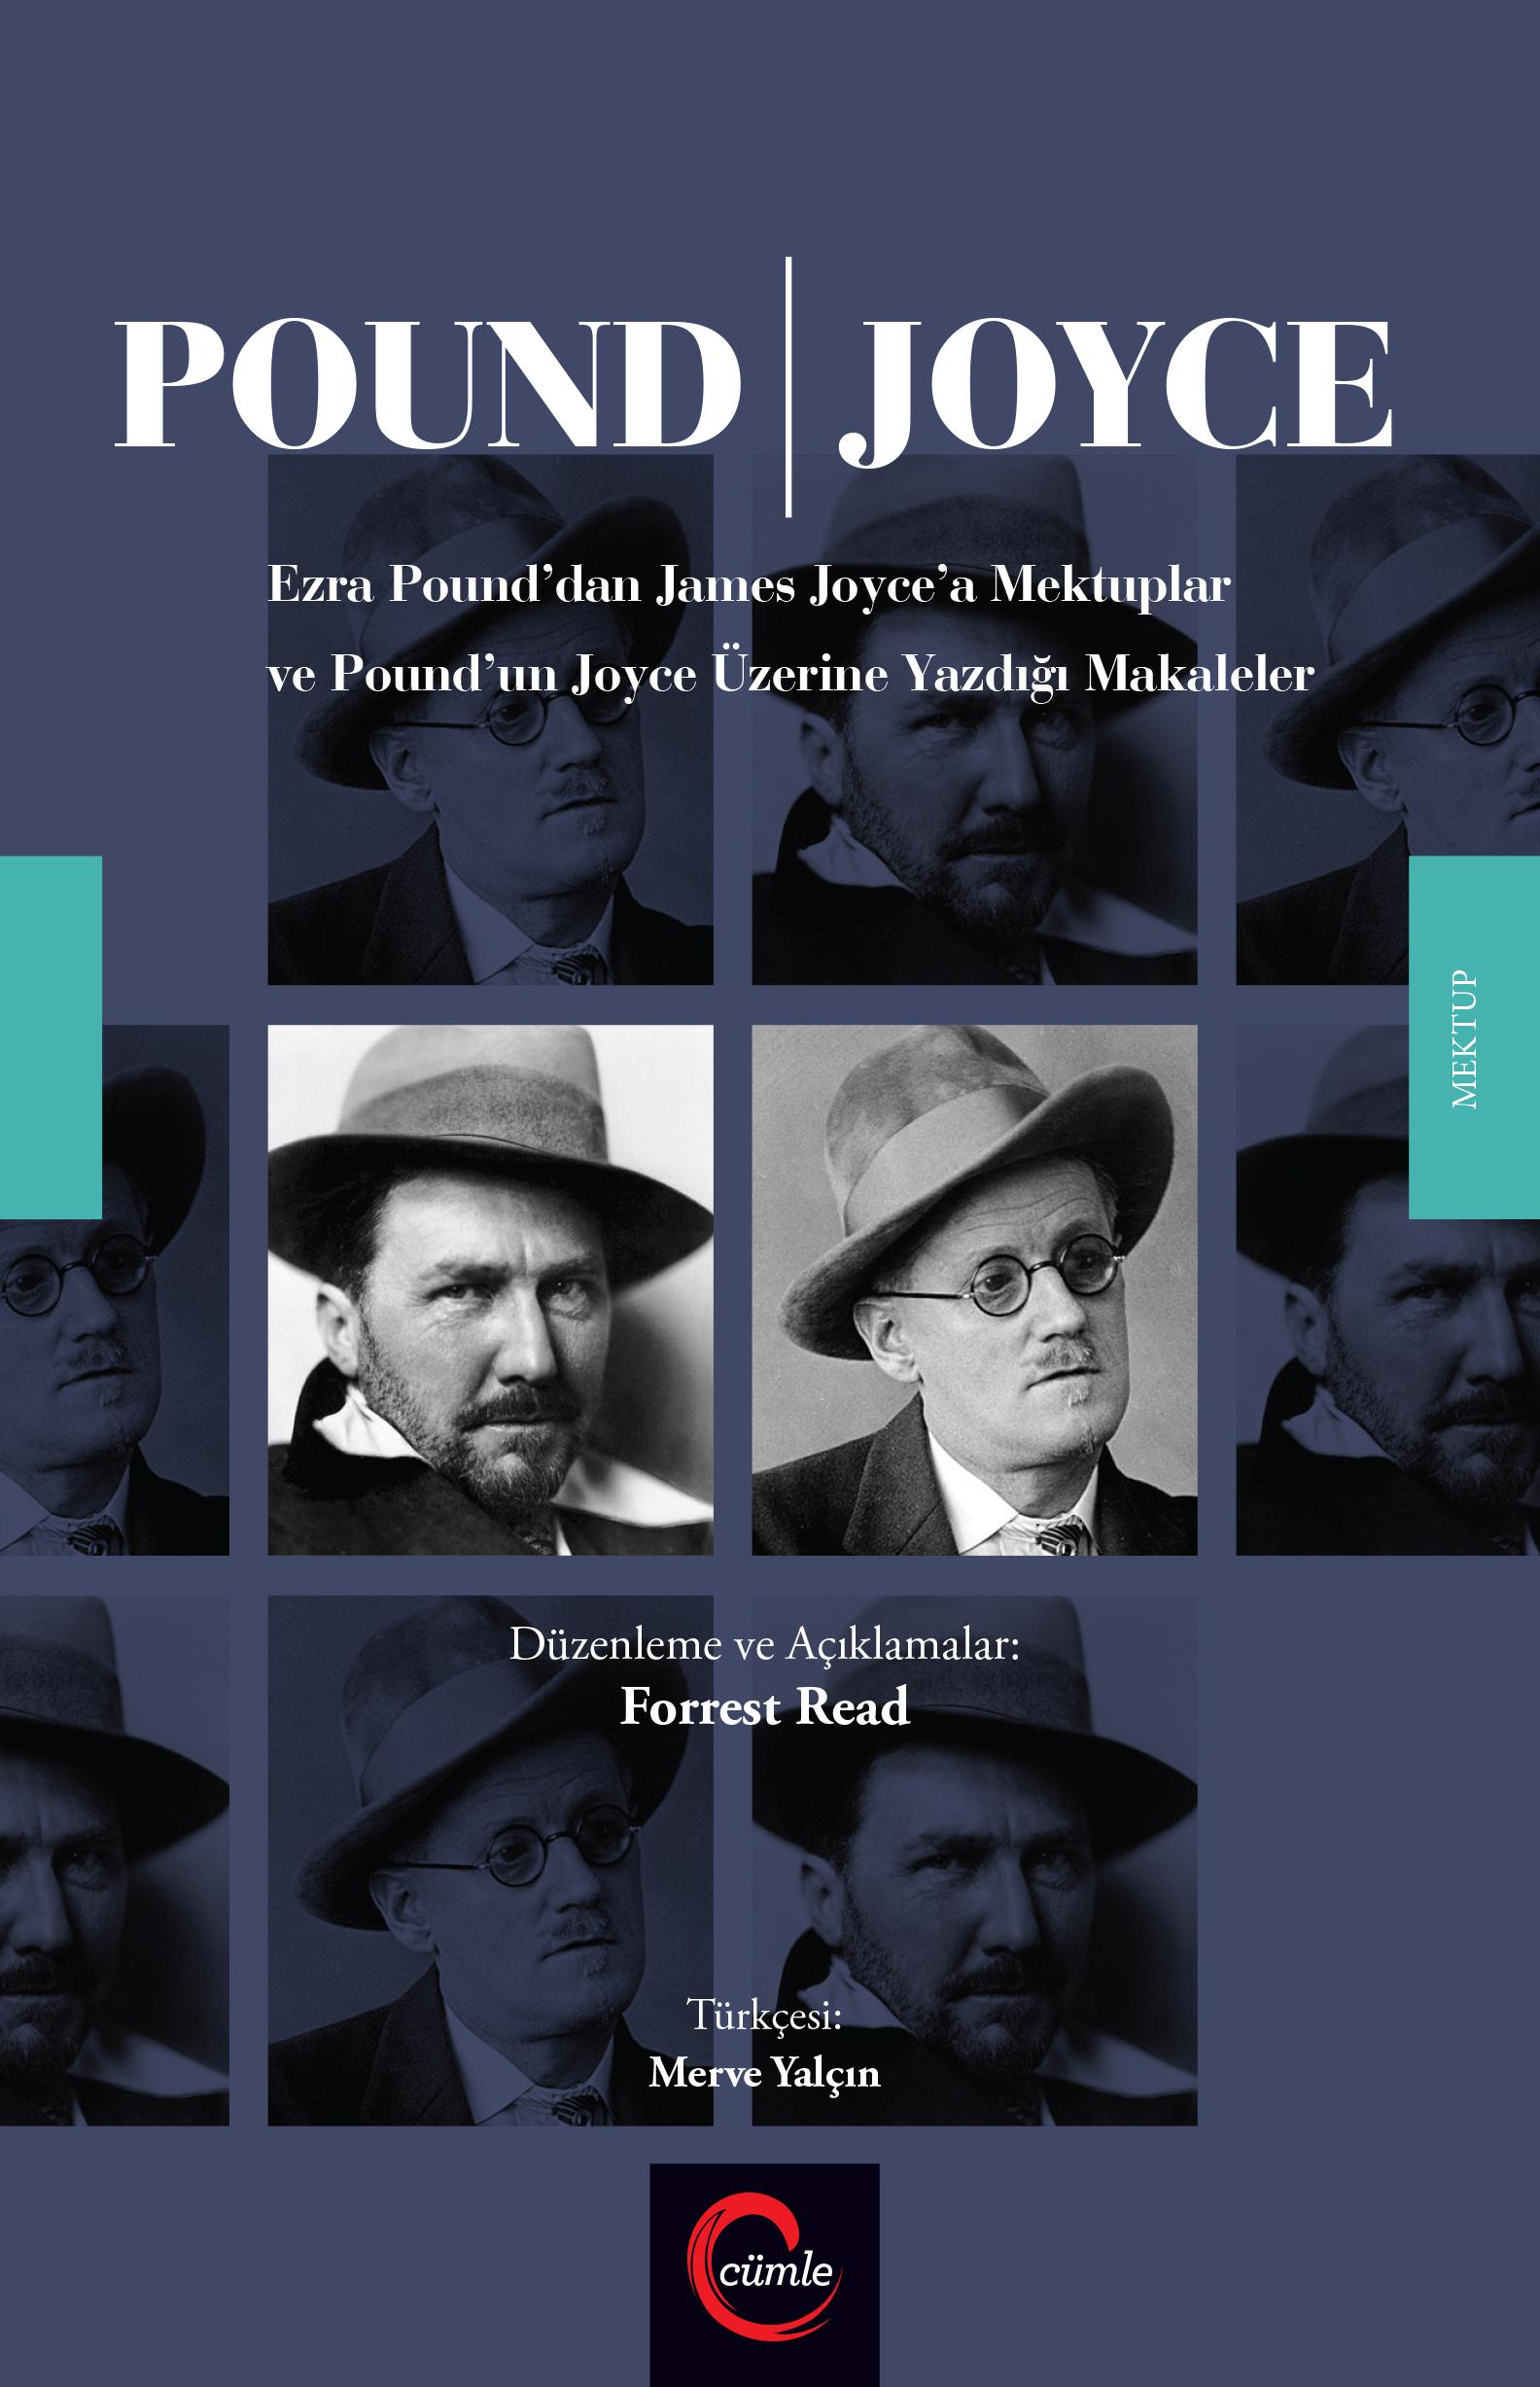 POUND / JOYCE Mektuplar ve Makaleler kitabı Cümle Yayınlarından çıktı